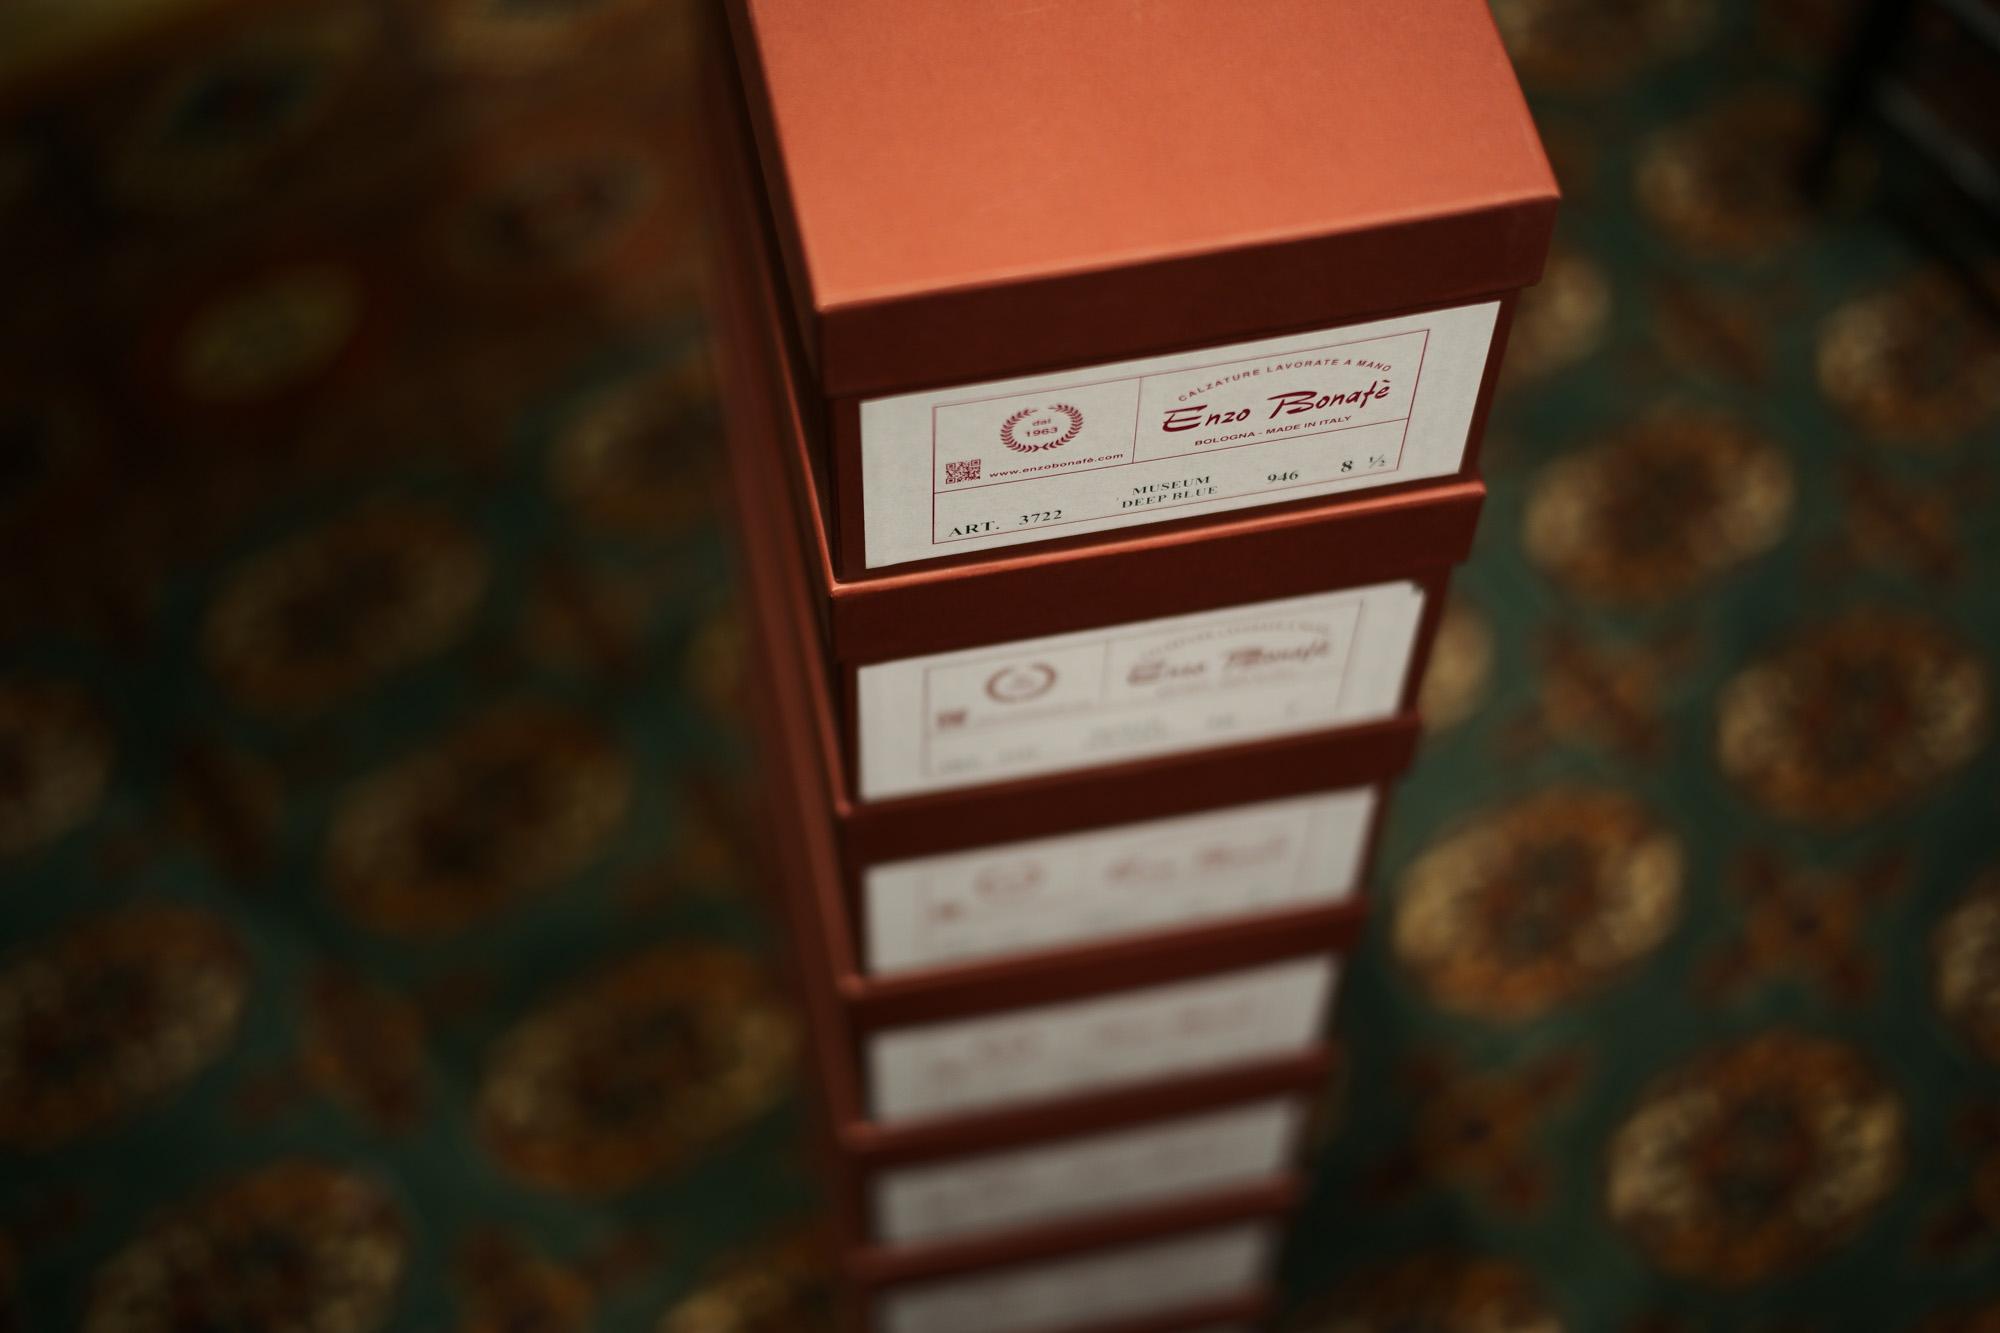 ENZO BONAFE (エンツォボナフェ) ART.3722 Chukka boots チャッカブーツ Bonaudo Museum Calf Leather ボナウド社 ミュージアムカーフレザー ノルベジェーゼ製法 レザーソール チャッカブーツ DEEP BLUE (ディープブルー) made in Italy(イタリア製) 2018 春夏新作 enzobonafe エンツォボナフェ チャッカブーツ ミュージアムカーフ